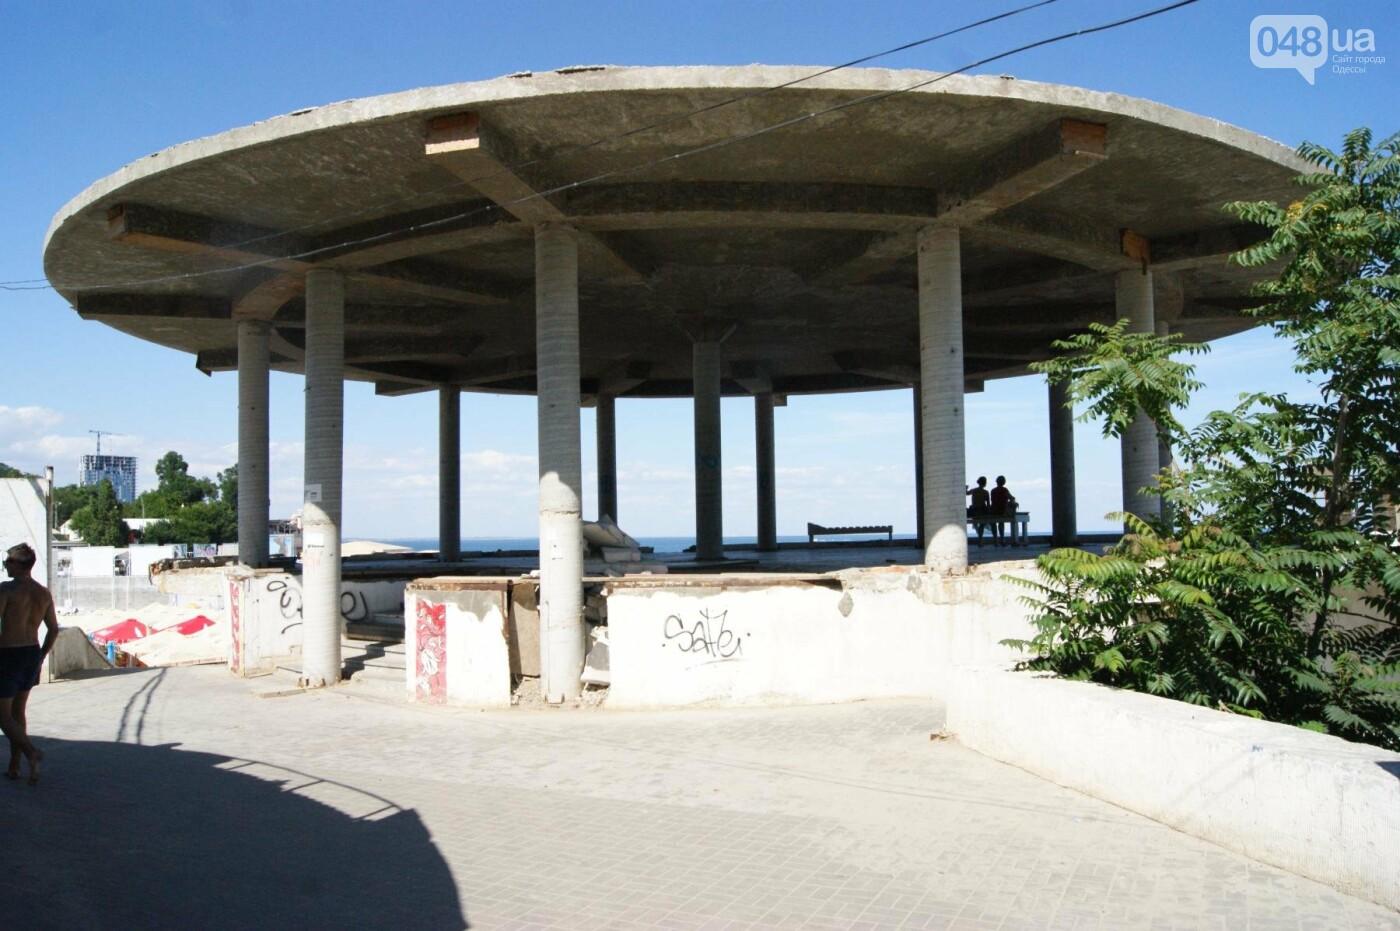 Неприличная Аркадия: что и почем на самом пафосном курорте Одессы, - ФОТОРЕПОРТАЖ, фото-12